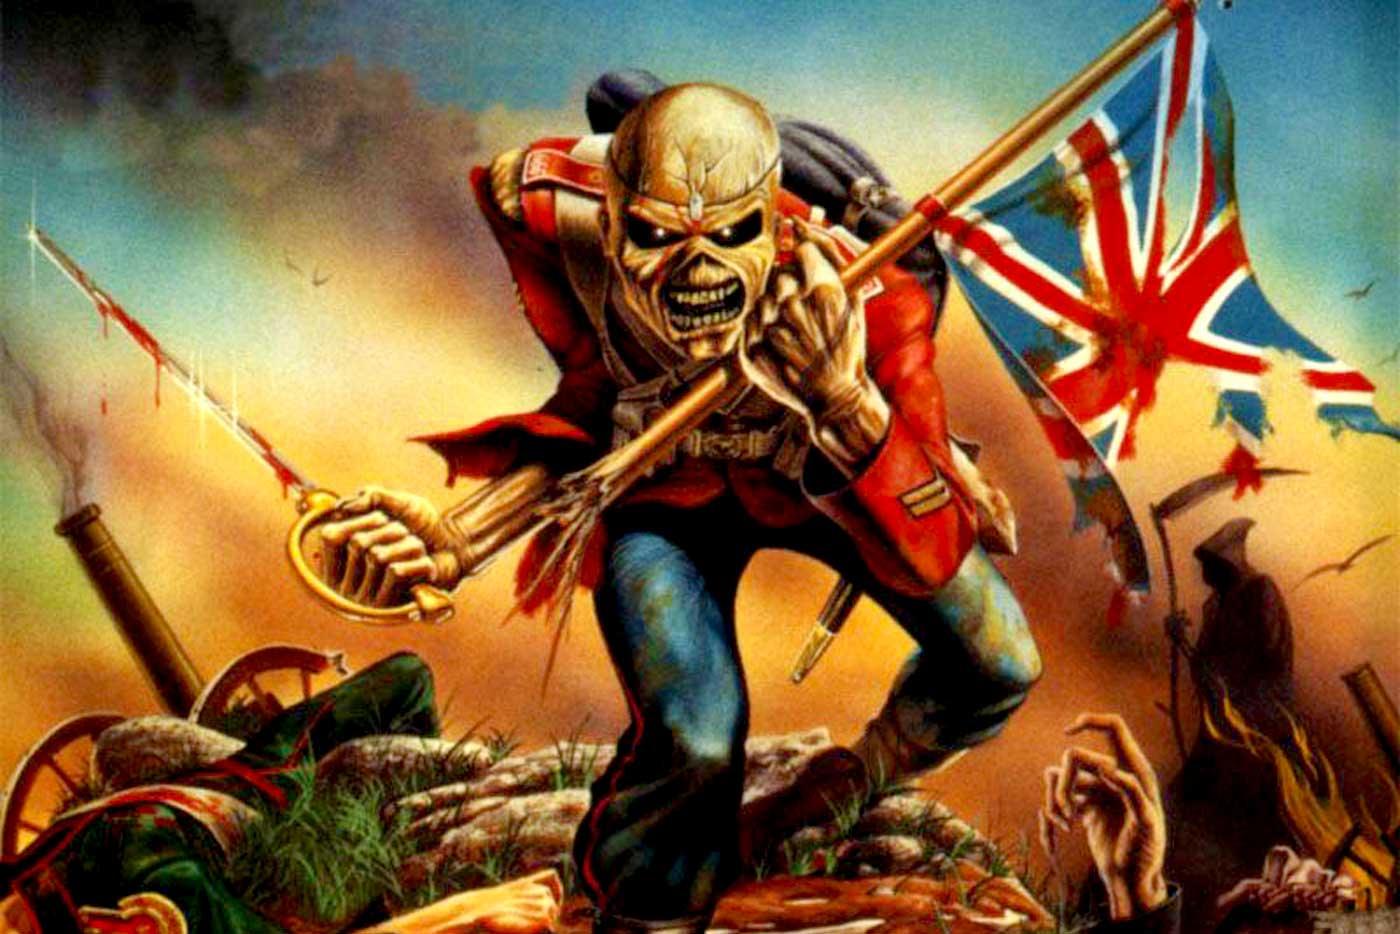 Iron Maiden, más que una banda